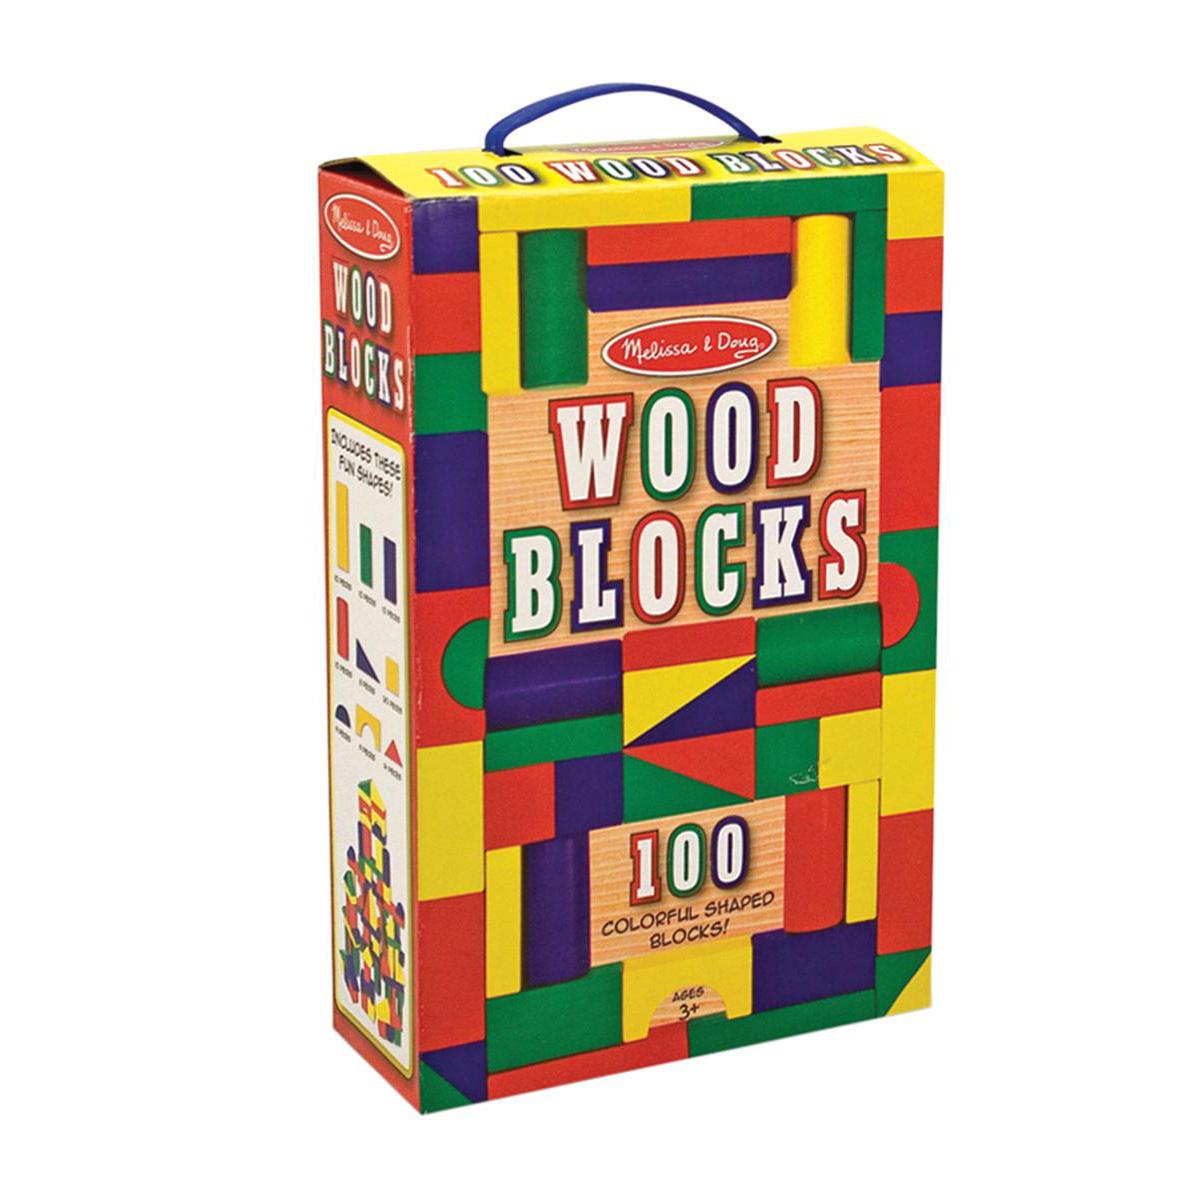 Blocs de bois colorés